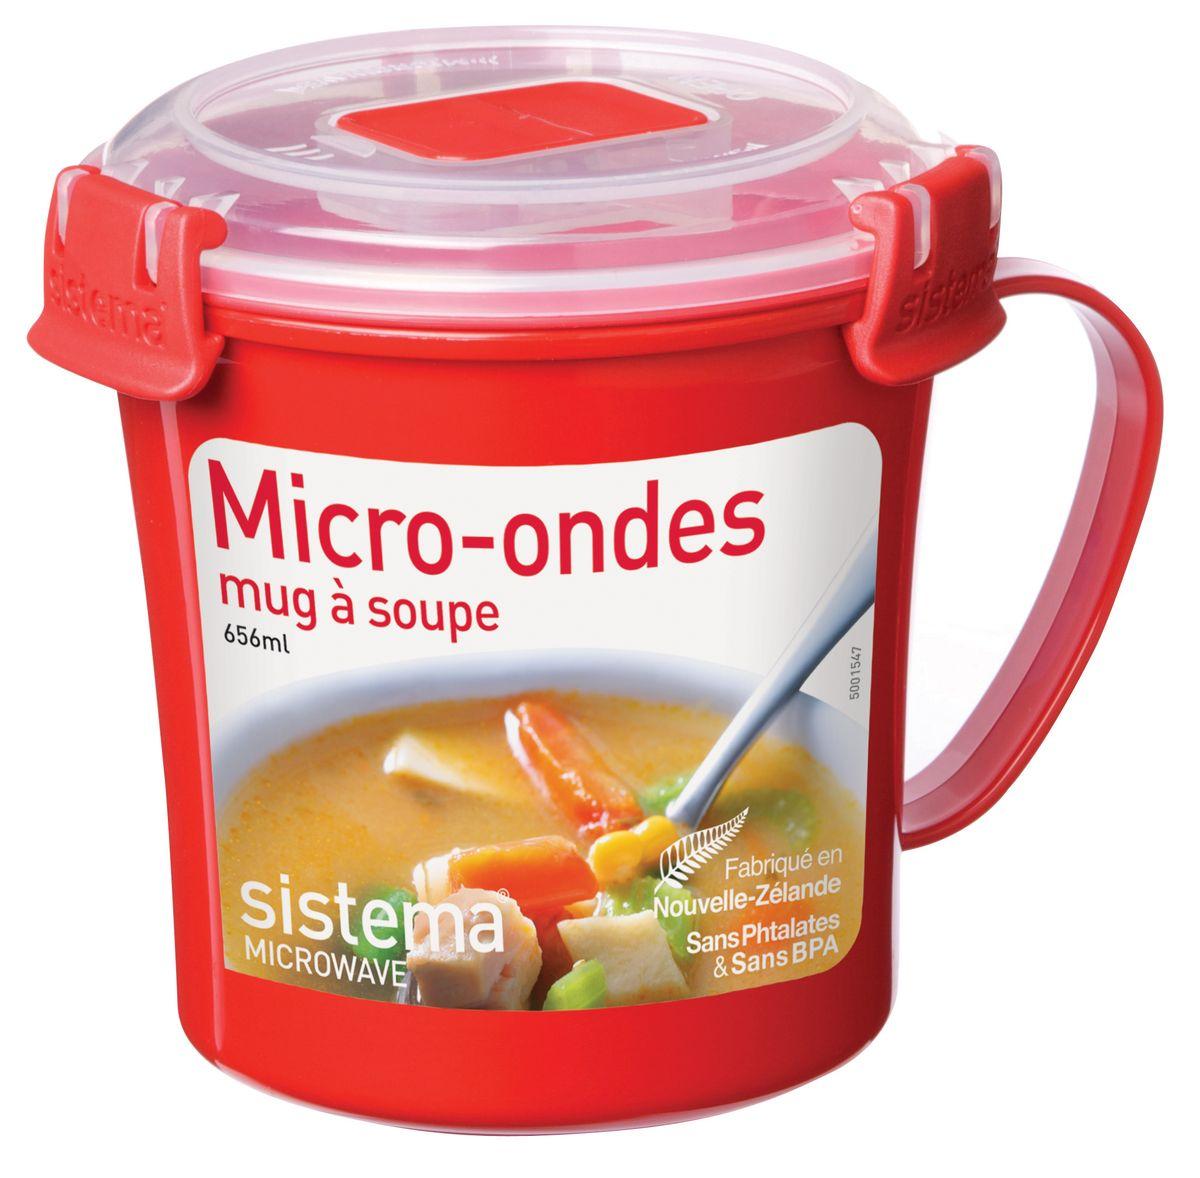 Кружка суповая Sistema Microwave, 656 млVT-1520(SR)Кружка суповая Sistema Microwave создана для людей, ведущих активный образ жизни. Кружка с надежной защитой от протечек позволит взять с собой горячий суп на пикник, в офис или в поездку. На крышке имеется силиконовая прокладка, которая способствует герметичному закрыванию. Контейнер надежно закрывается клипсами, которые при необходимости можно заменить.Можно мыть в посудомоечной машине.